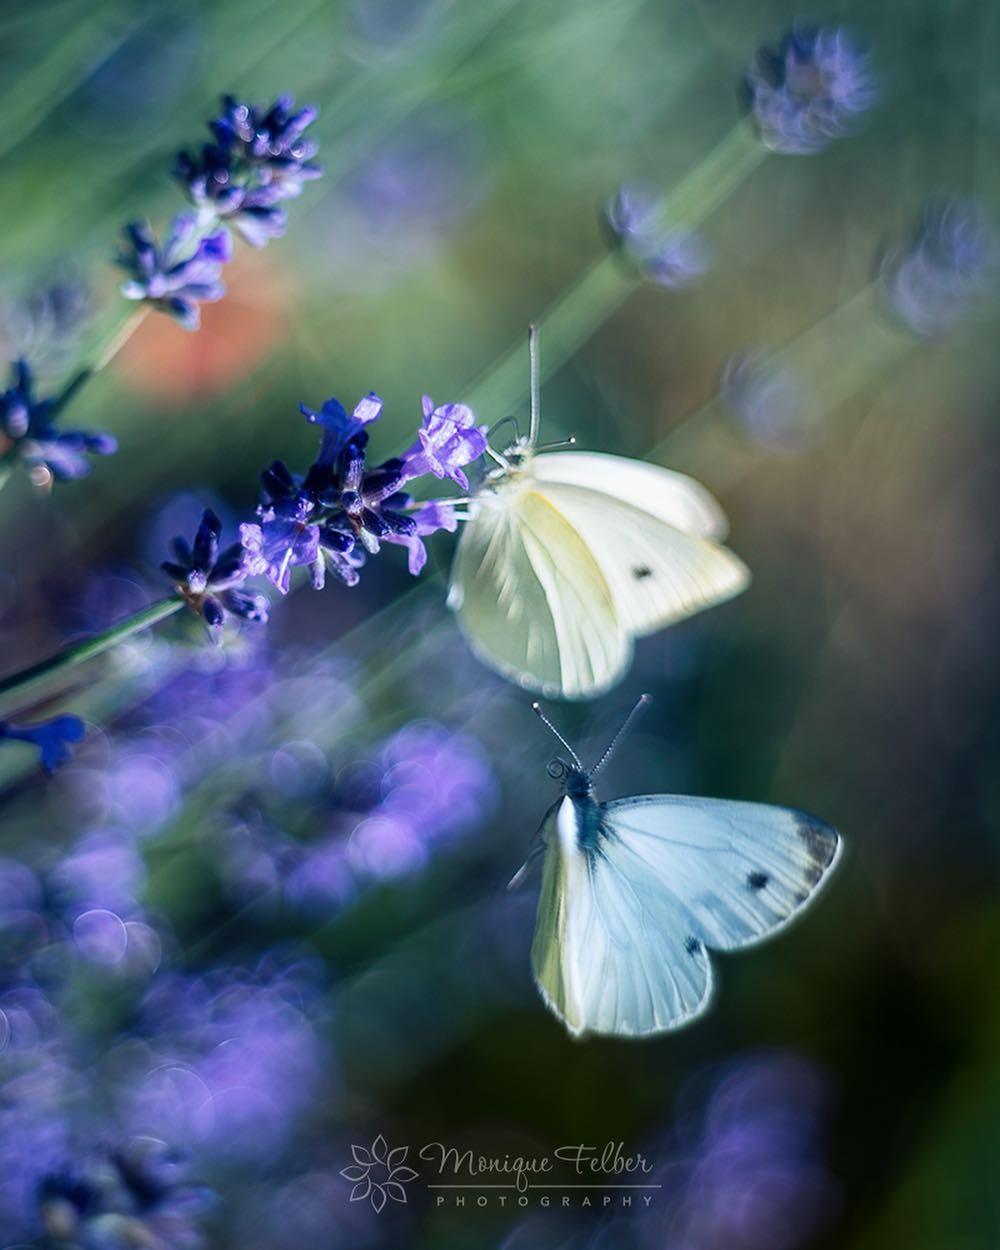 Макроснимки бабочек и цветов от Моник Фелбер